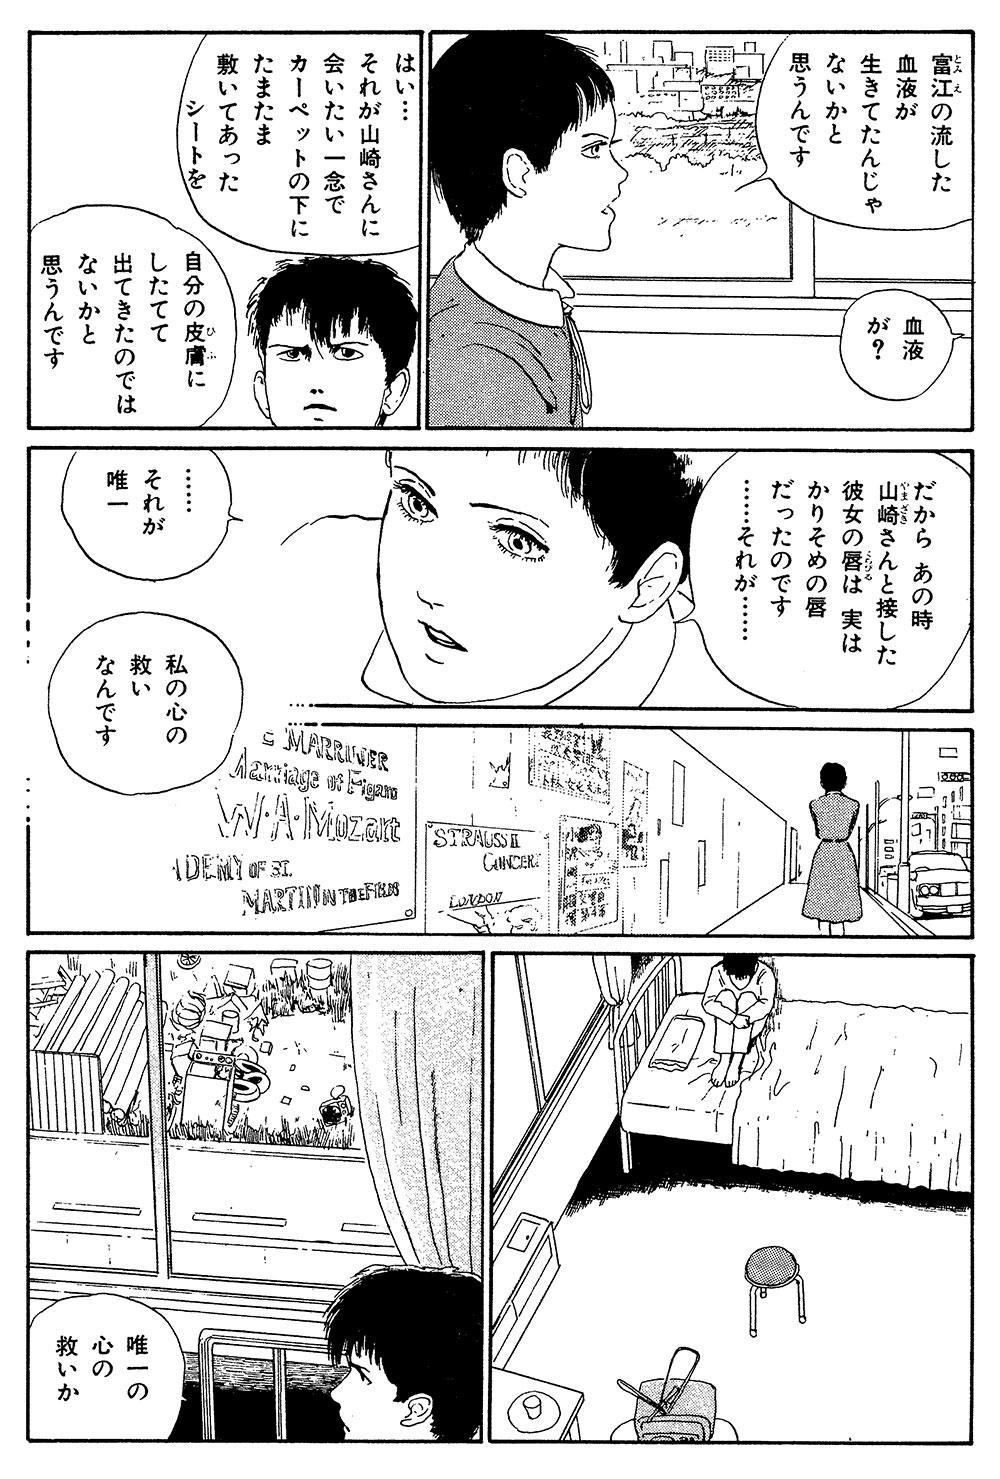 伊藤潤二傑作集 第5話「富江 接吻」⑤junji19-09.jpg